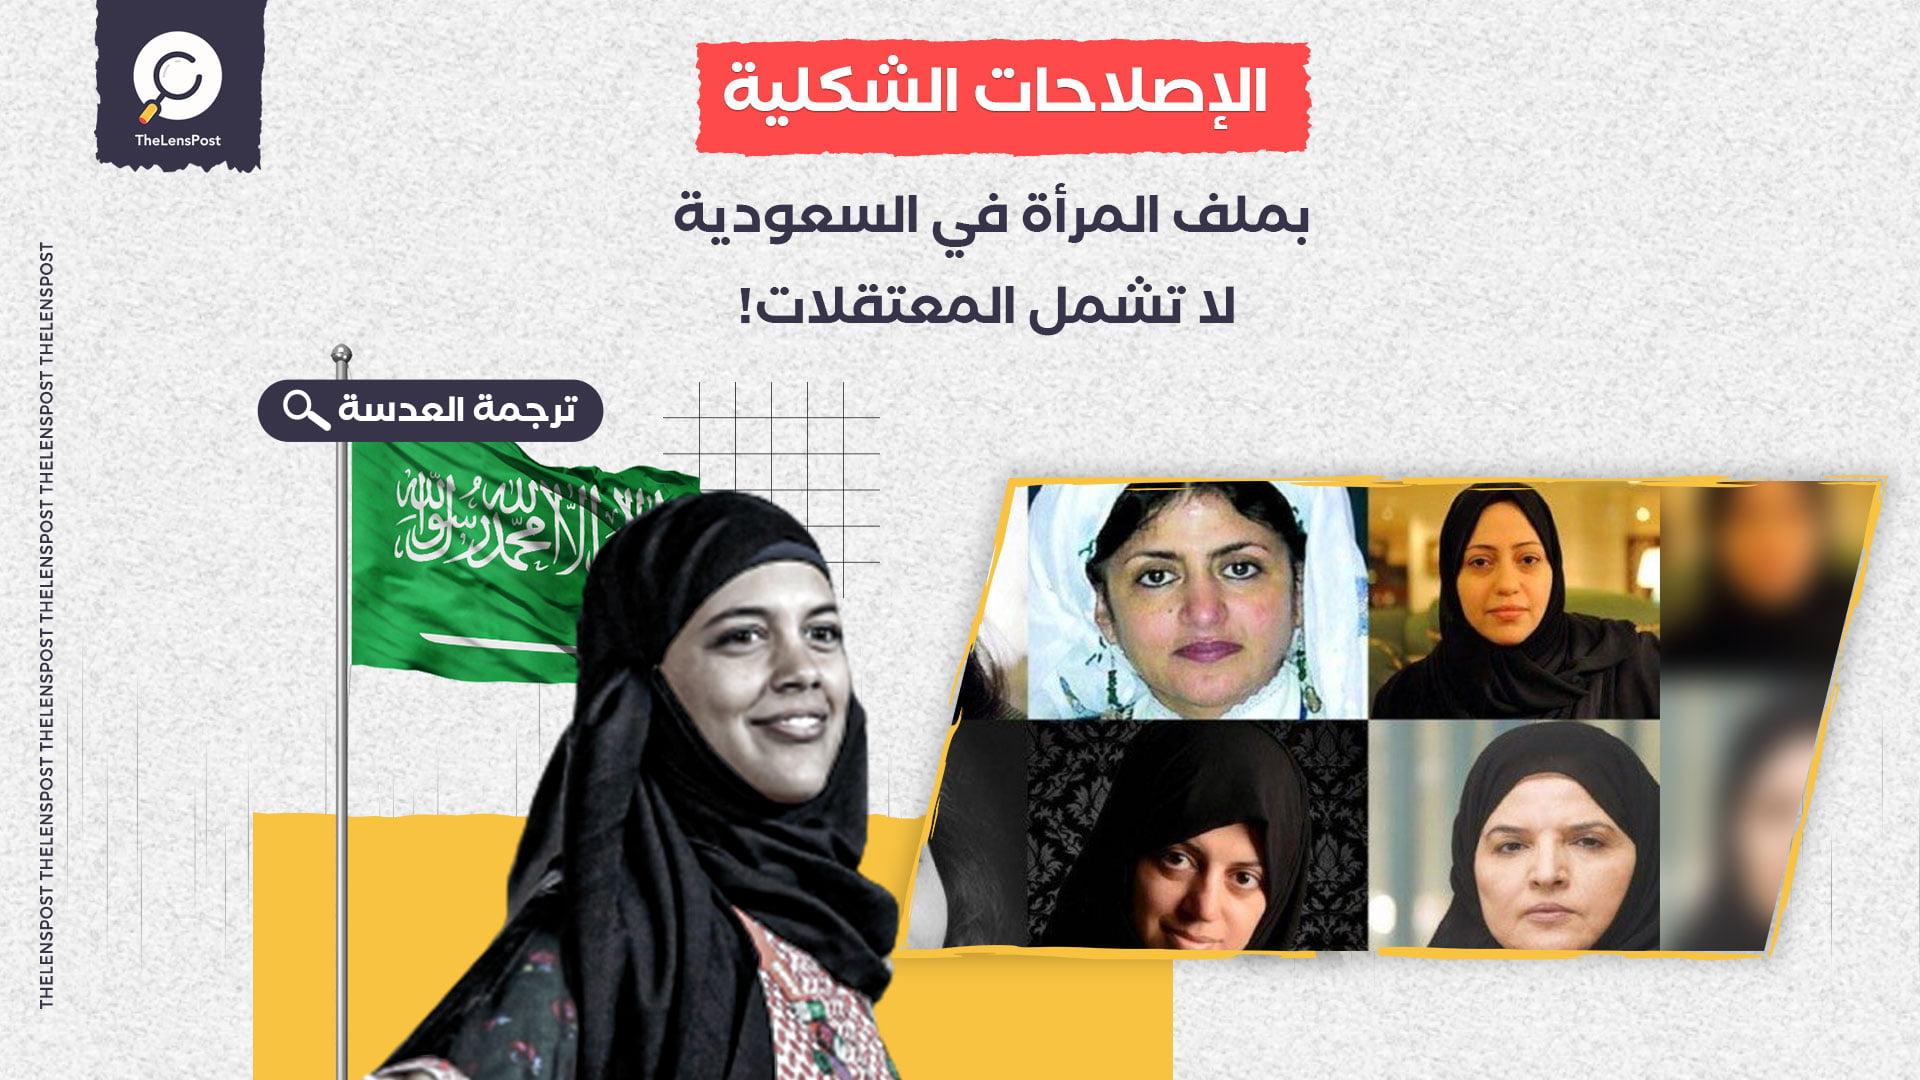 تحليل: الإصلاحات الشكلية بملف المرأة في السعودية لا تشمل المعتقلات!